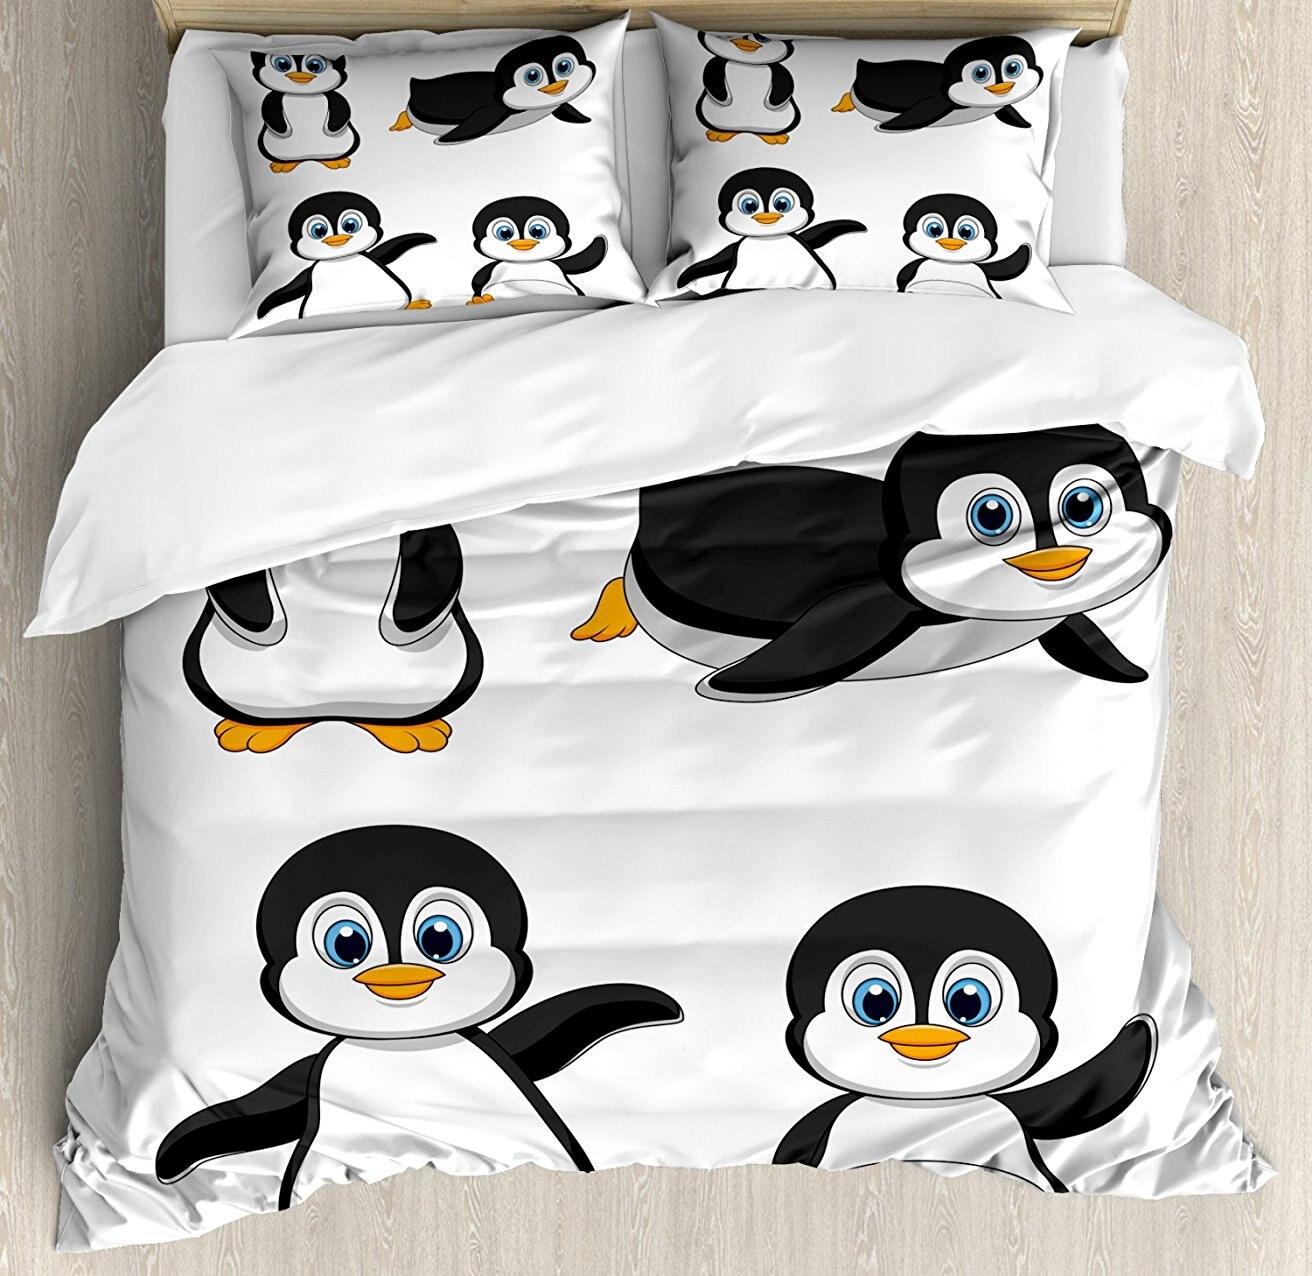 Постельное белье, милый пингвин мультфильм размахивая стоящая раздвижные улыбаясь животных Юмор Антарктида, 4 шт. Постельное белье